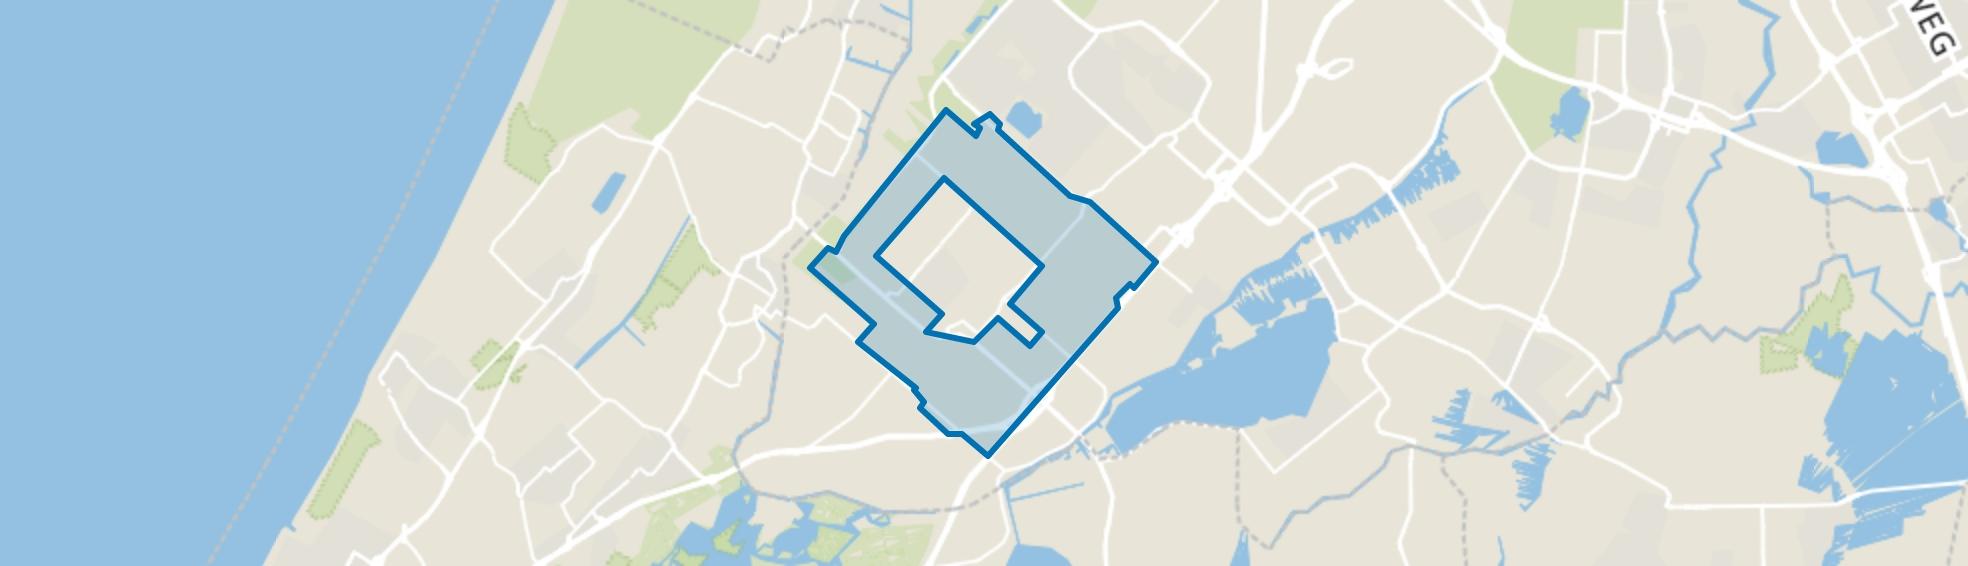 Nieuw-Vennep Omgeving, Nieuw-Vennep map